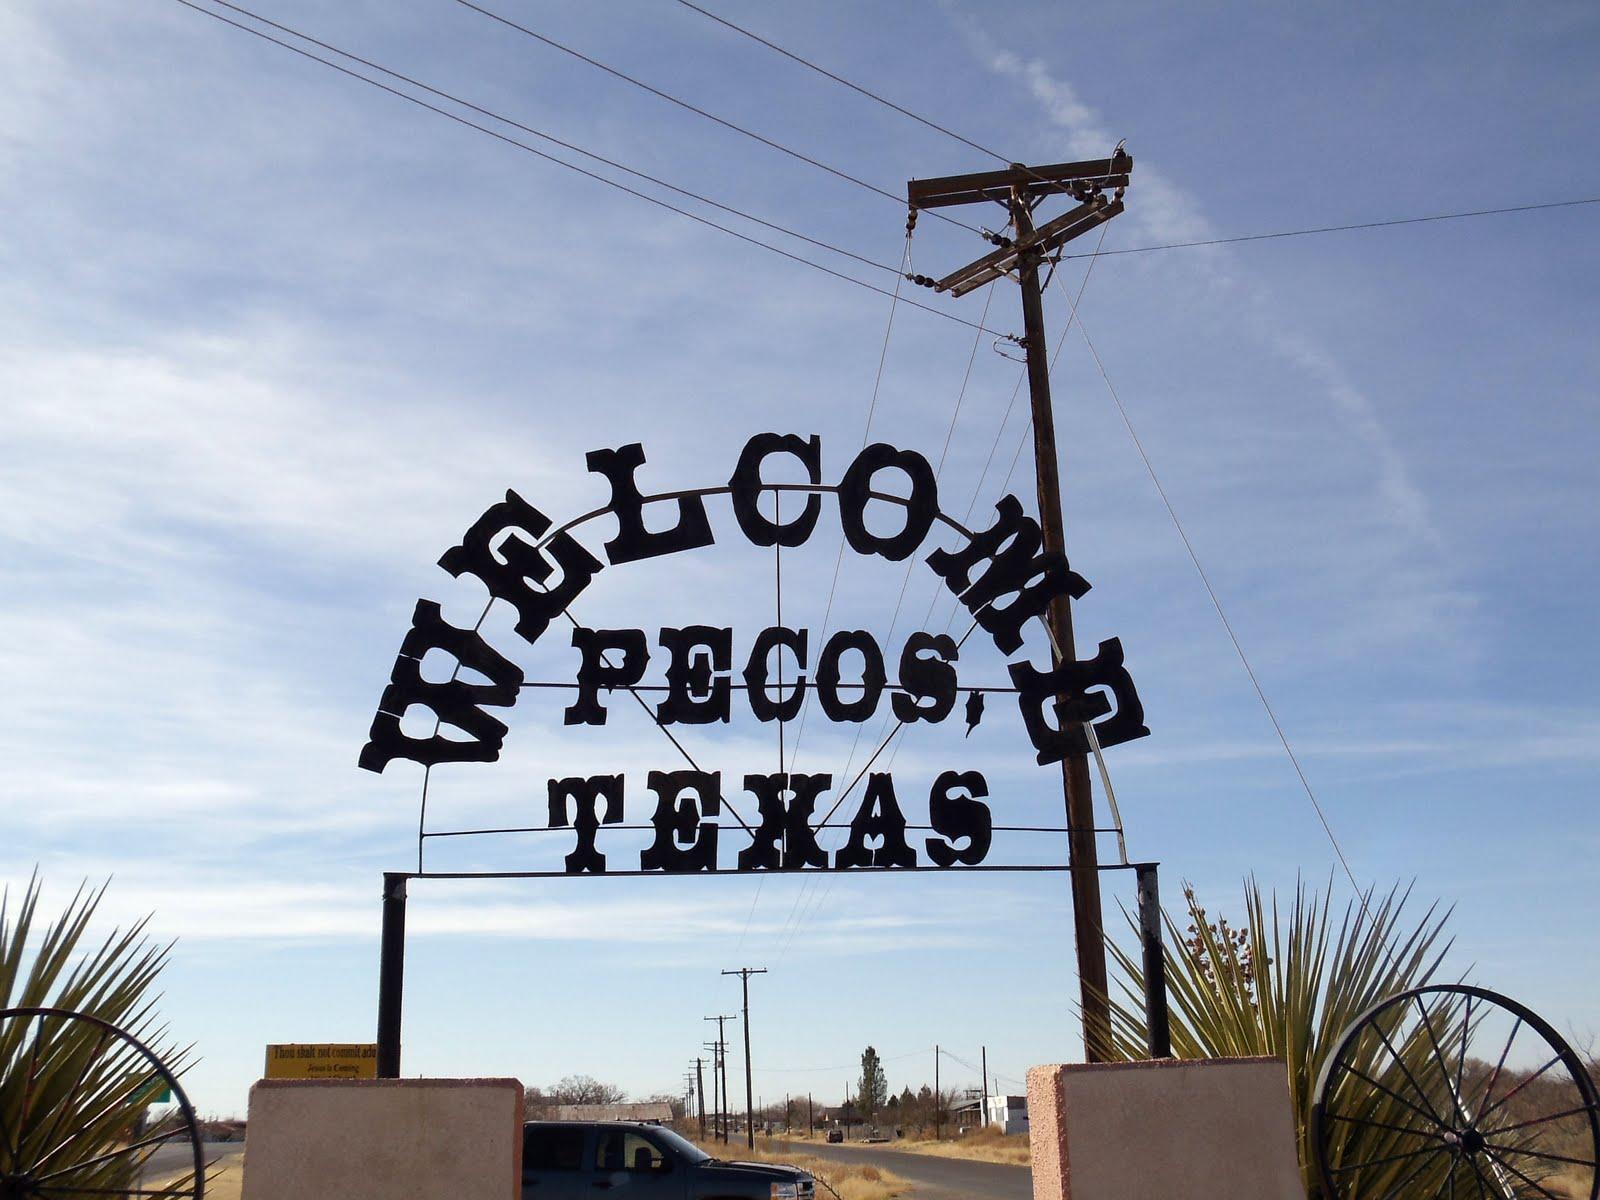 Pecos zoo